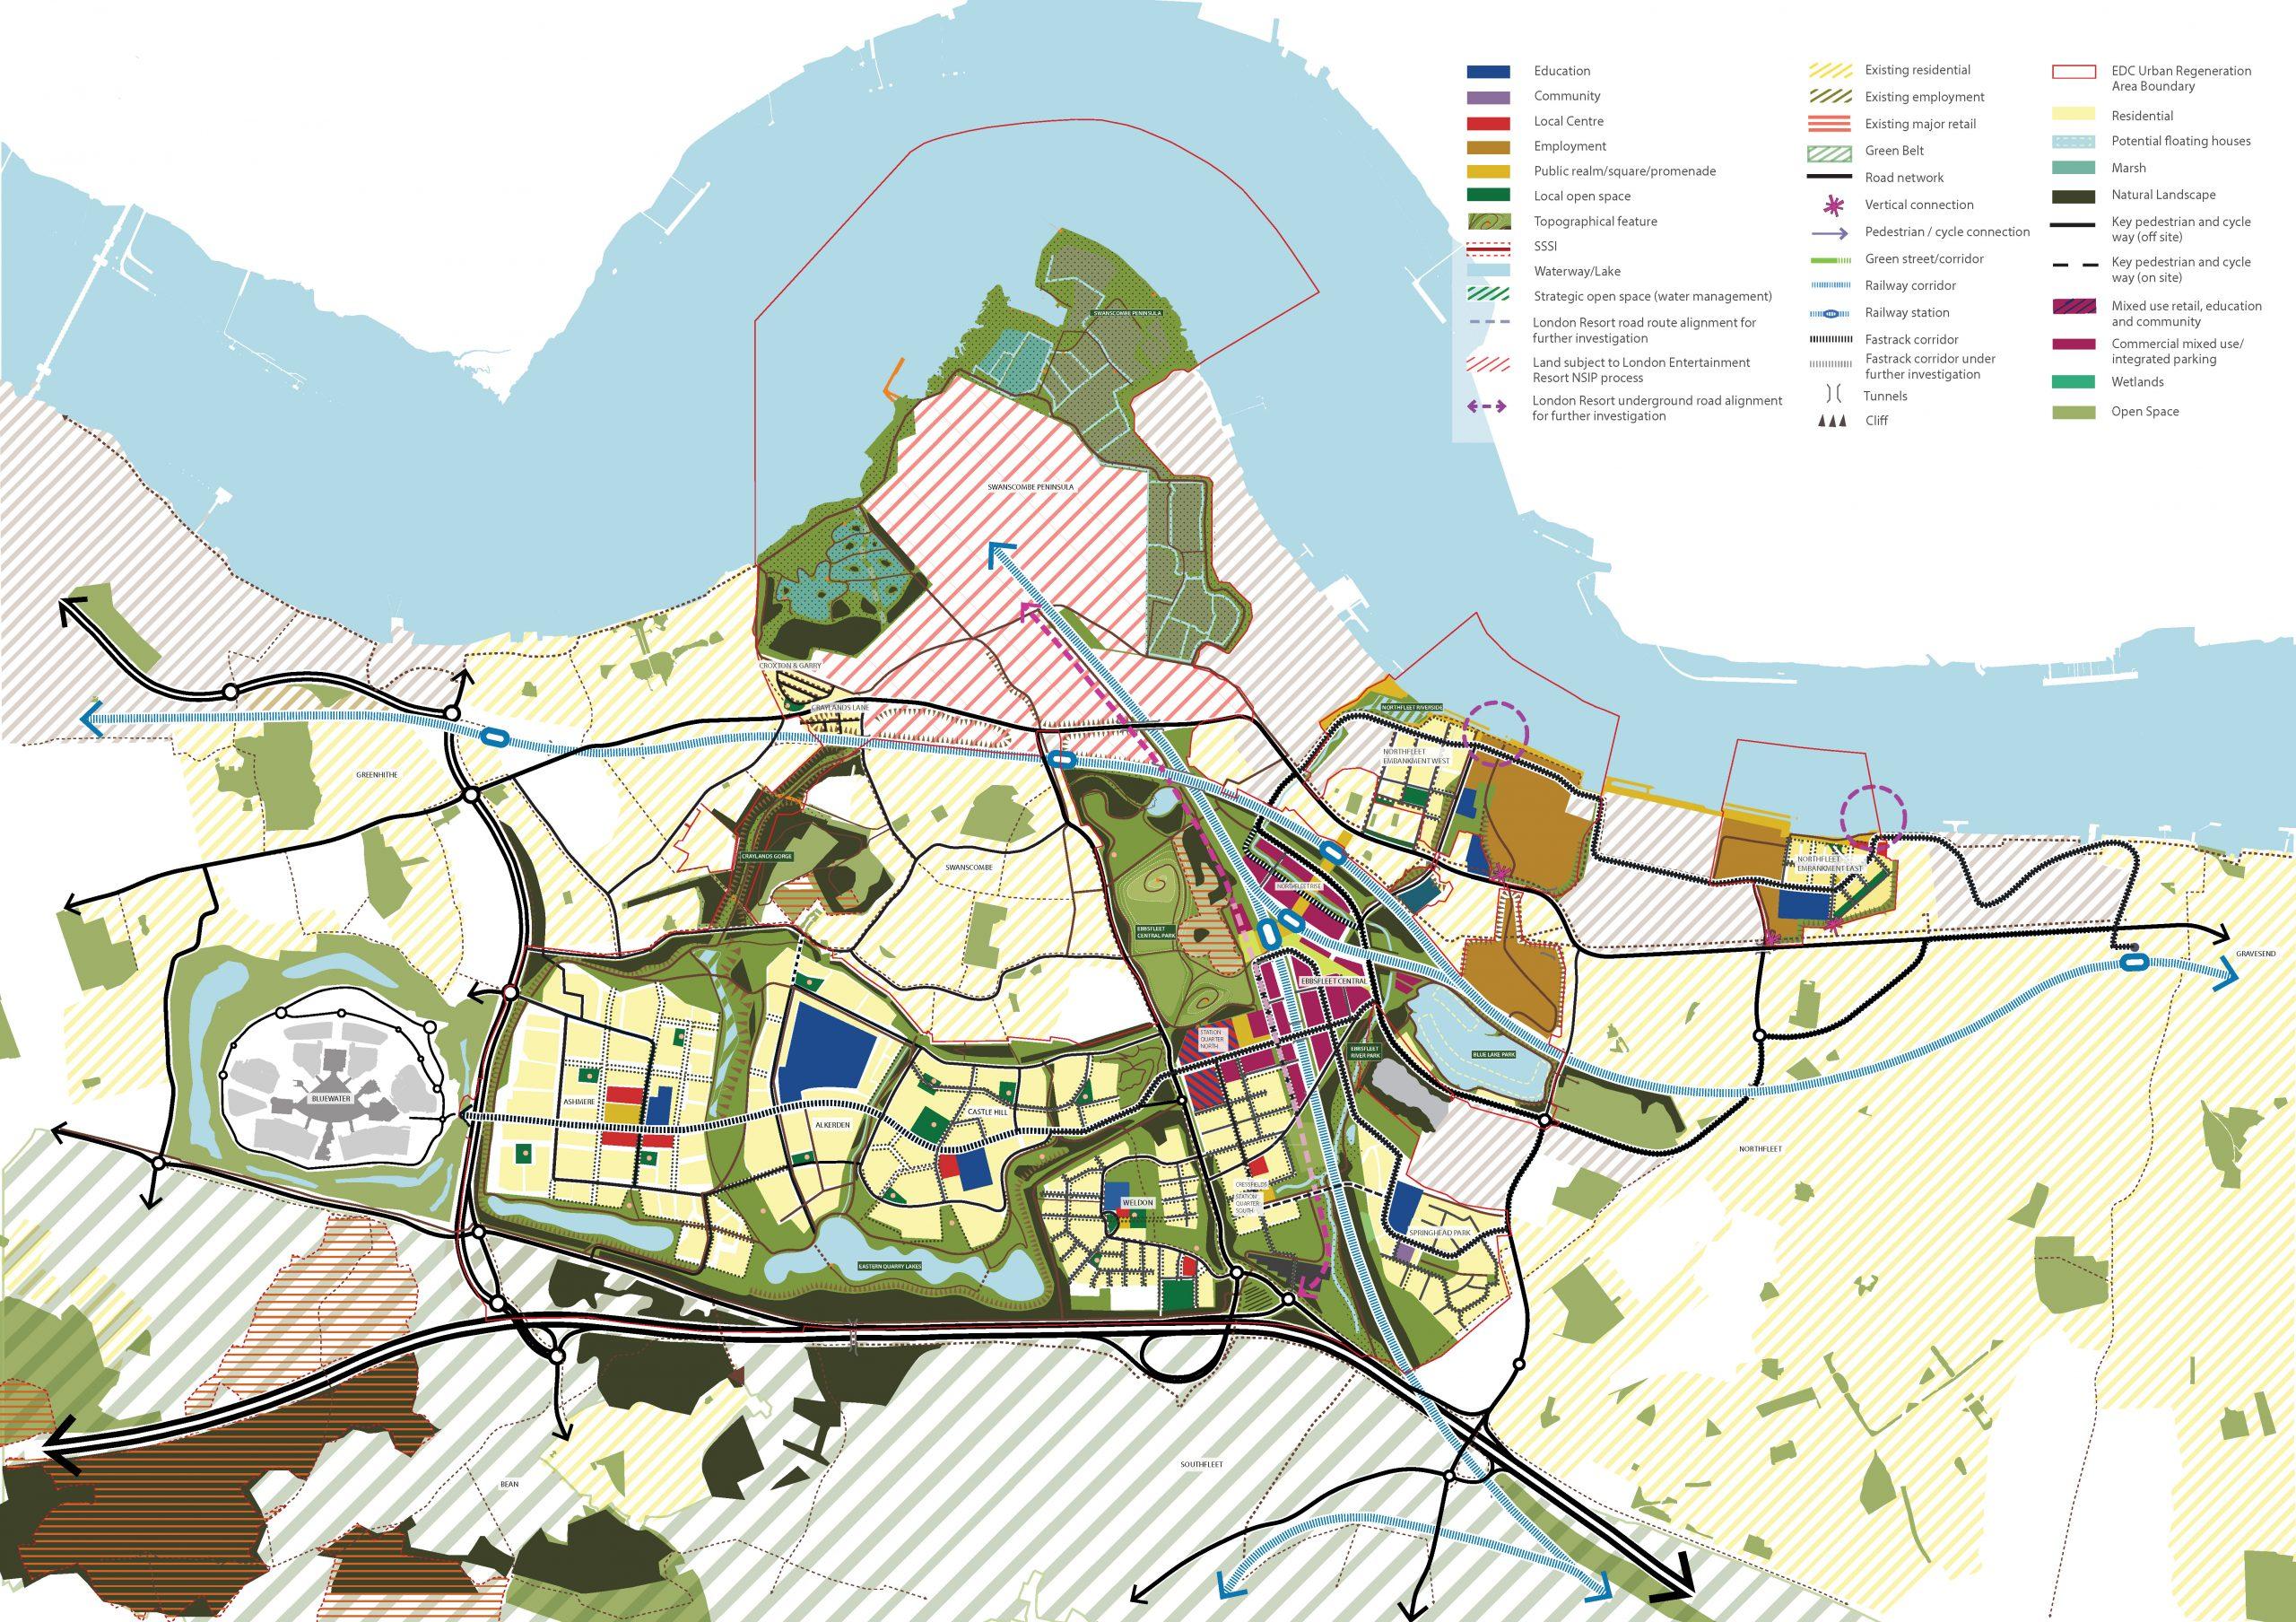 Map of Ebbsfleet Garden City